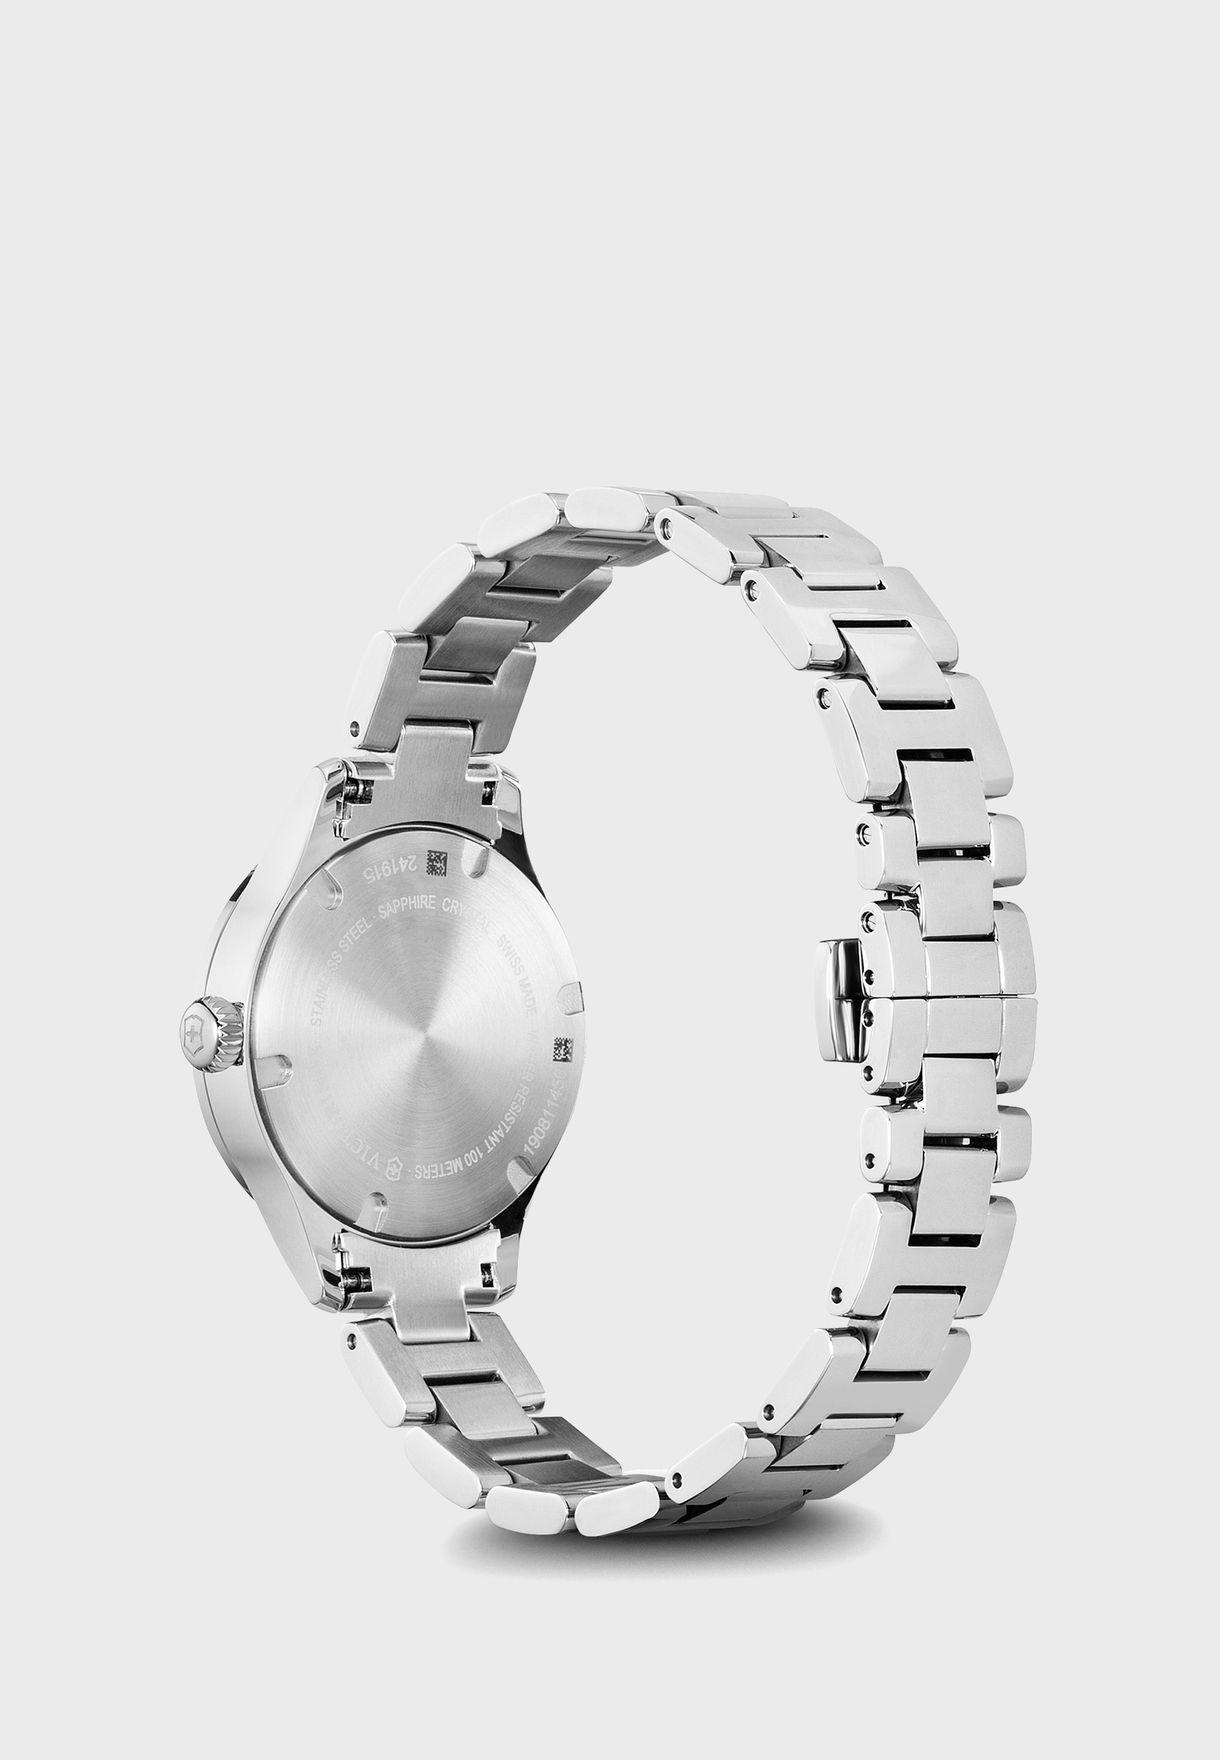 ساعة انالوج مزينة بالكريستال